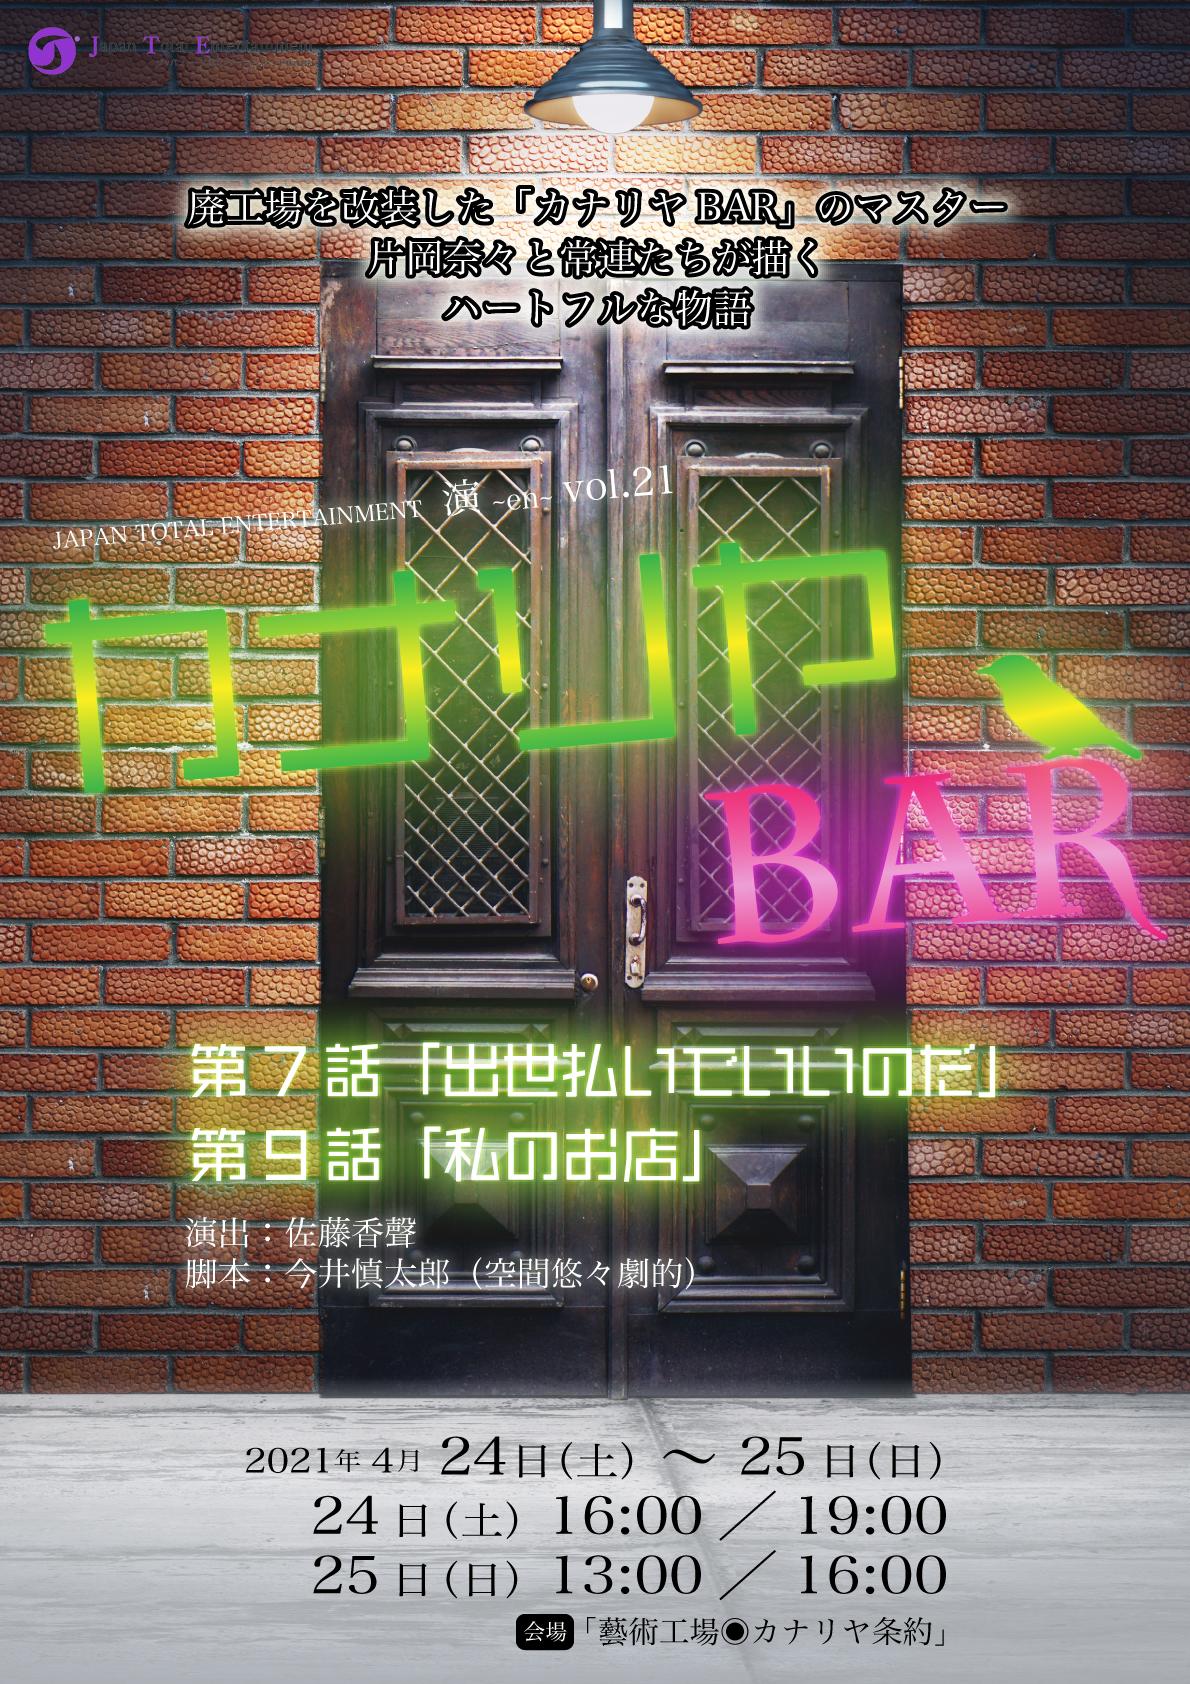 『演』~en~vol.21 「カナリヤBAR」を2021年4月24日(土)~25日(日)に公演!チケット予約スタートしました